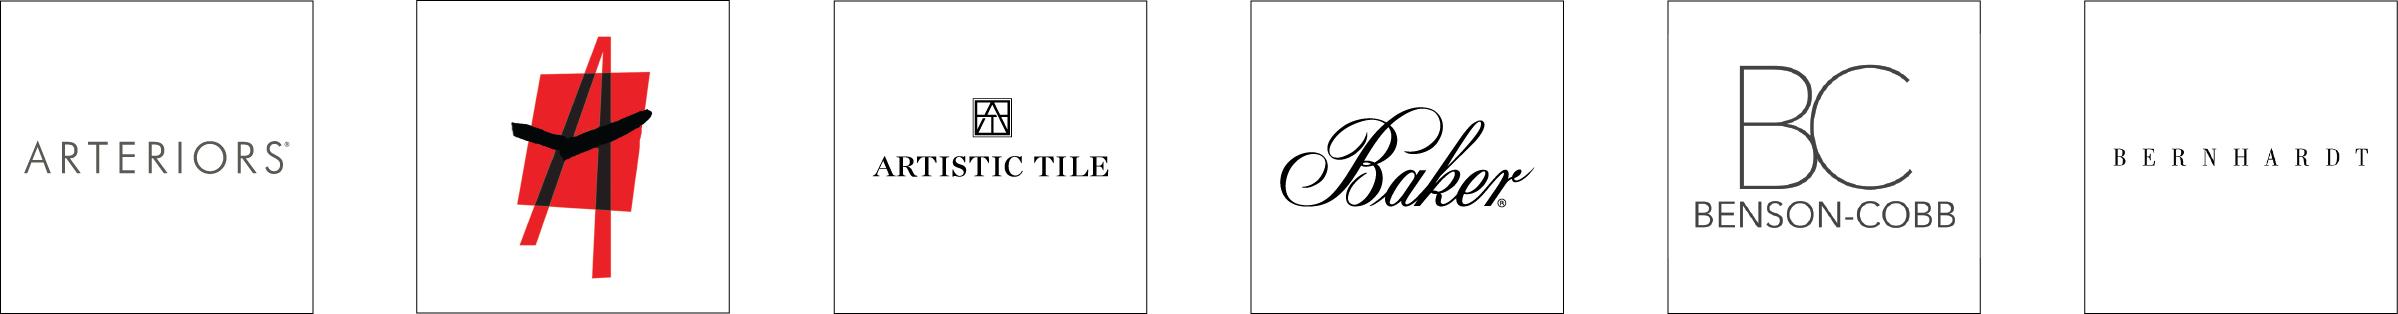 logos-slider-48.png